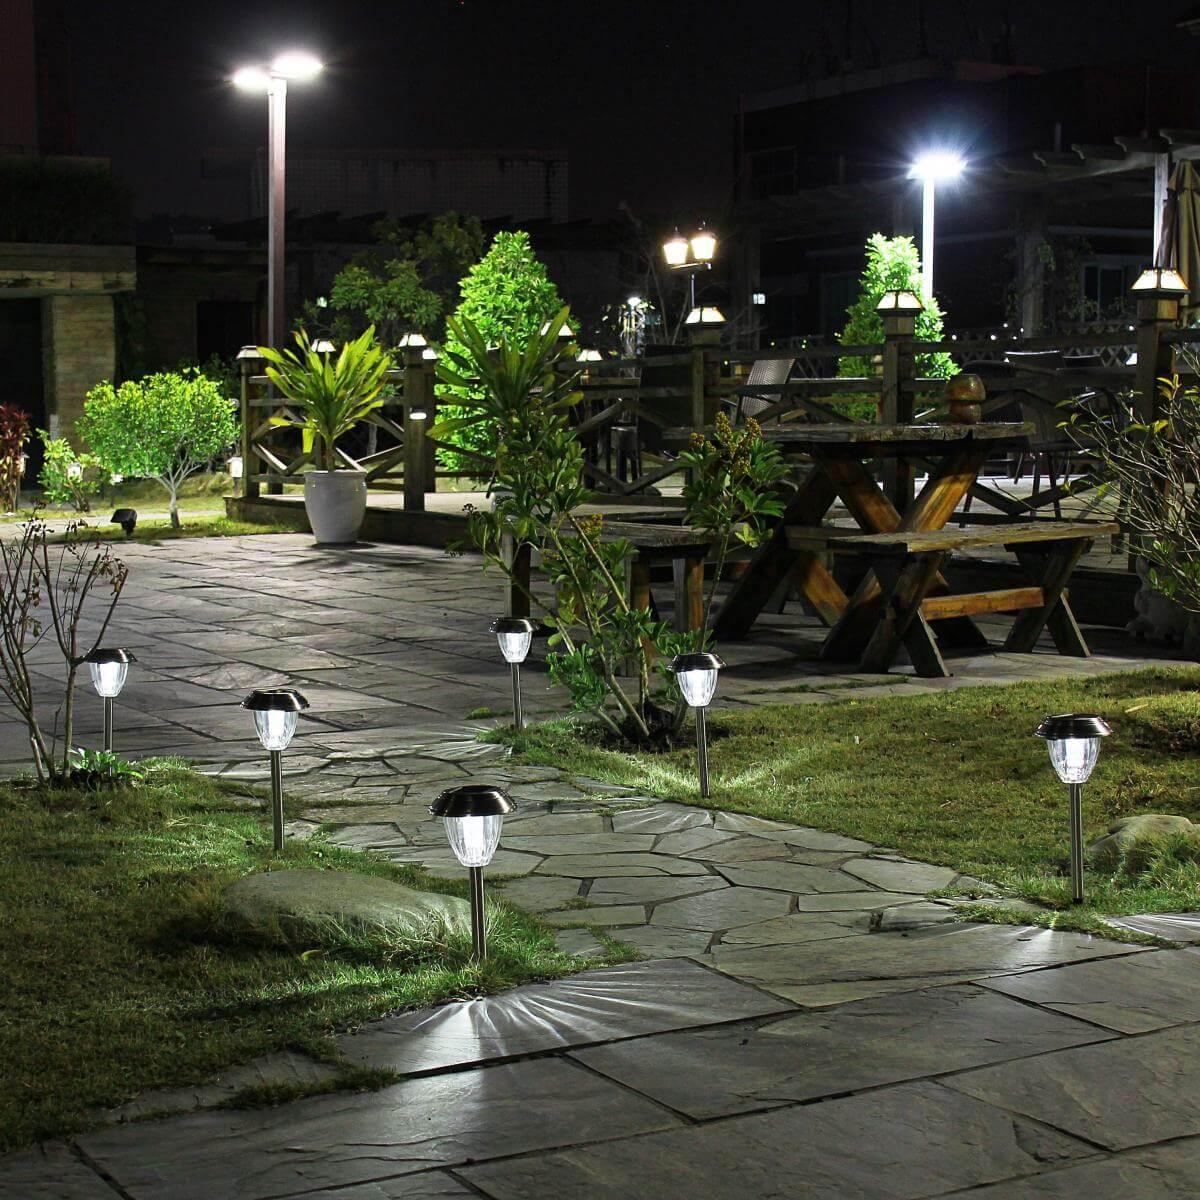 Lắp đèn sân vườn ở lối đi chính tạo điểm nhấn nổi bật cho không gian nghỉ dưỡng